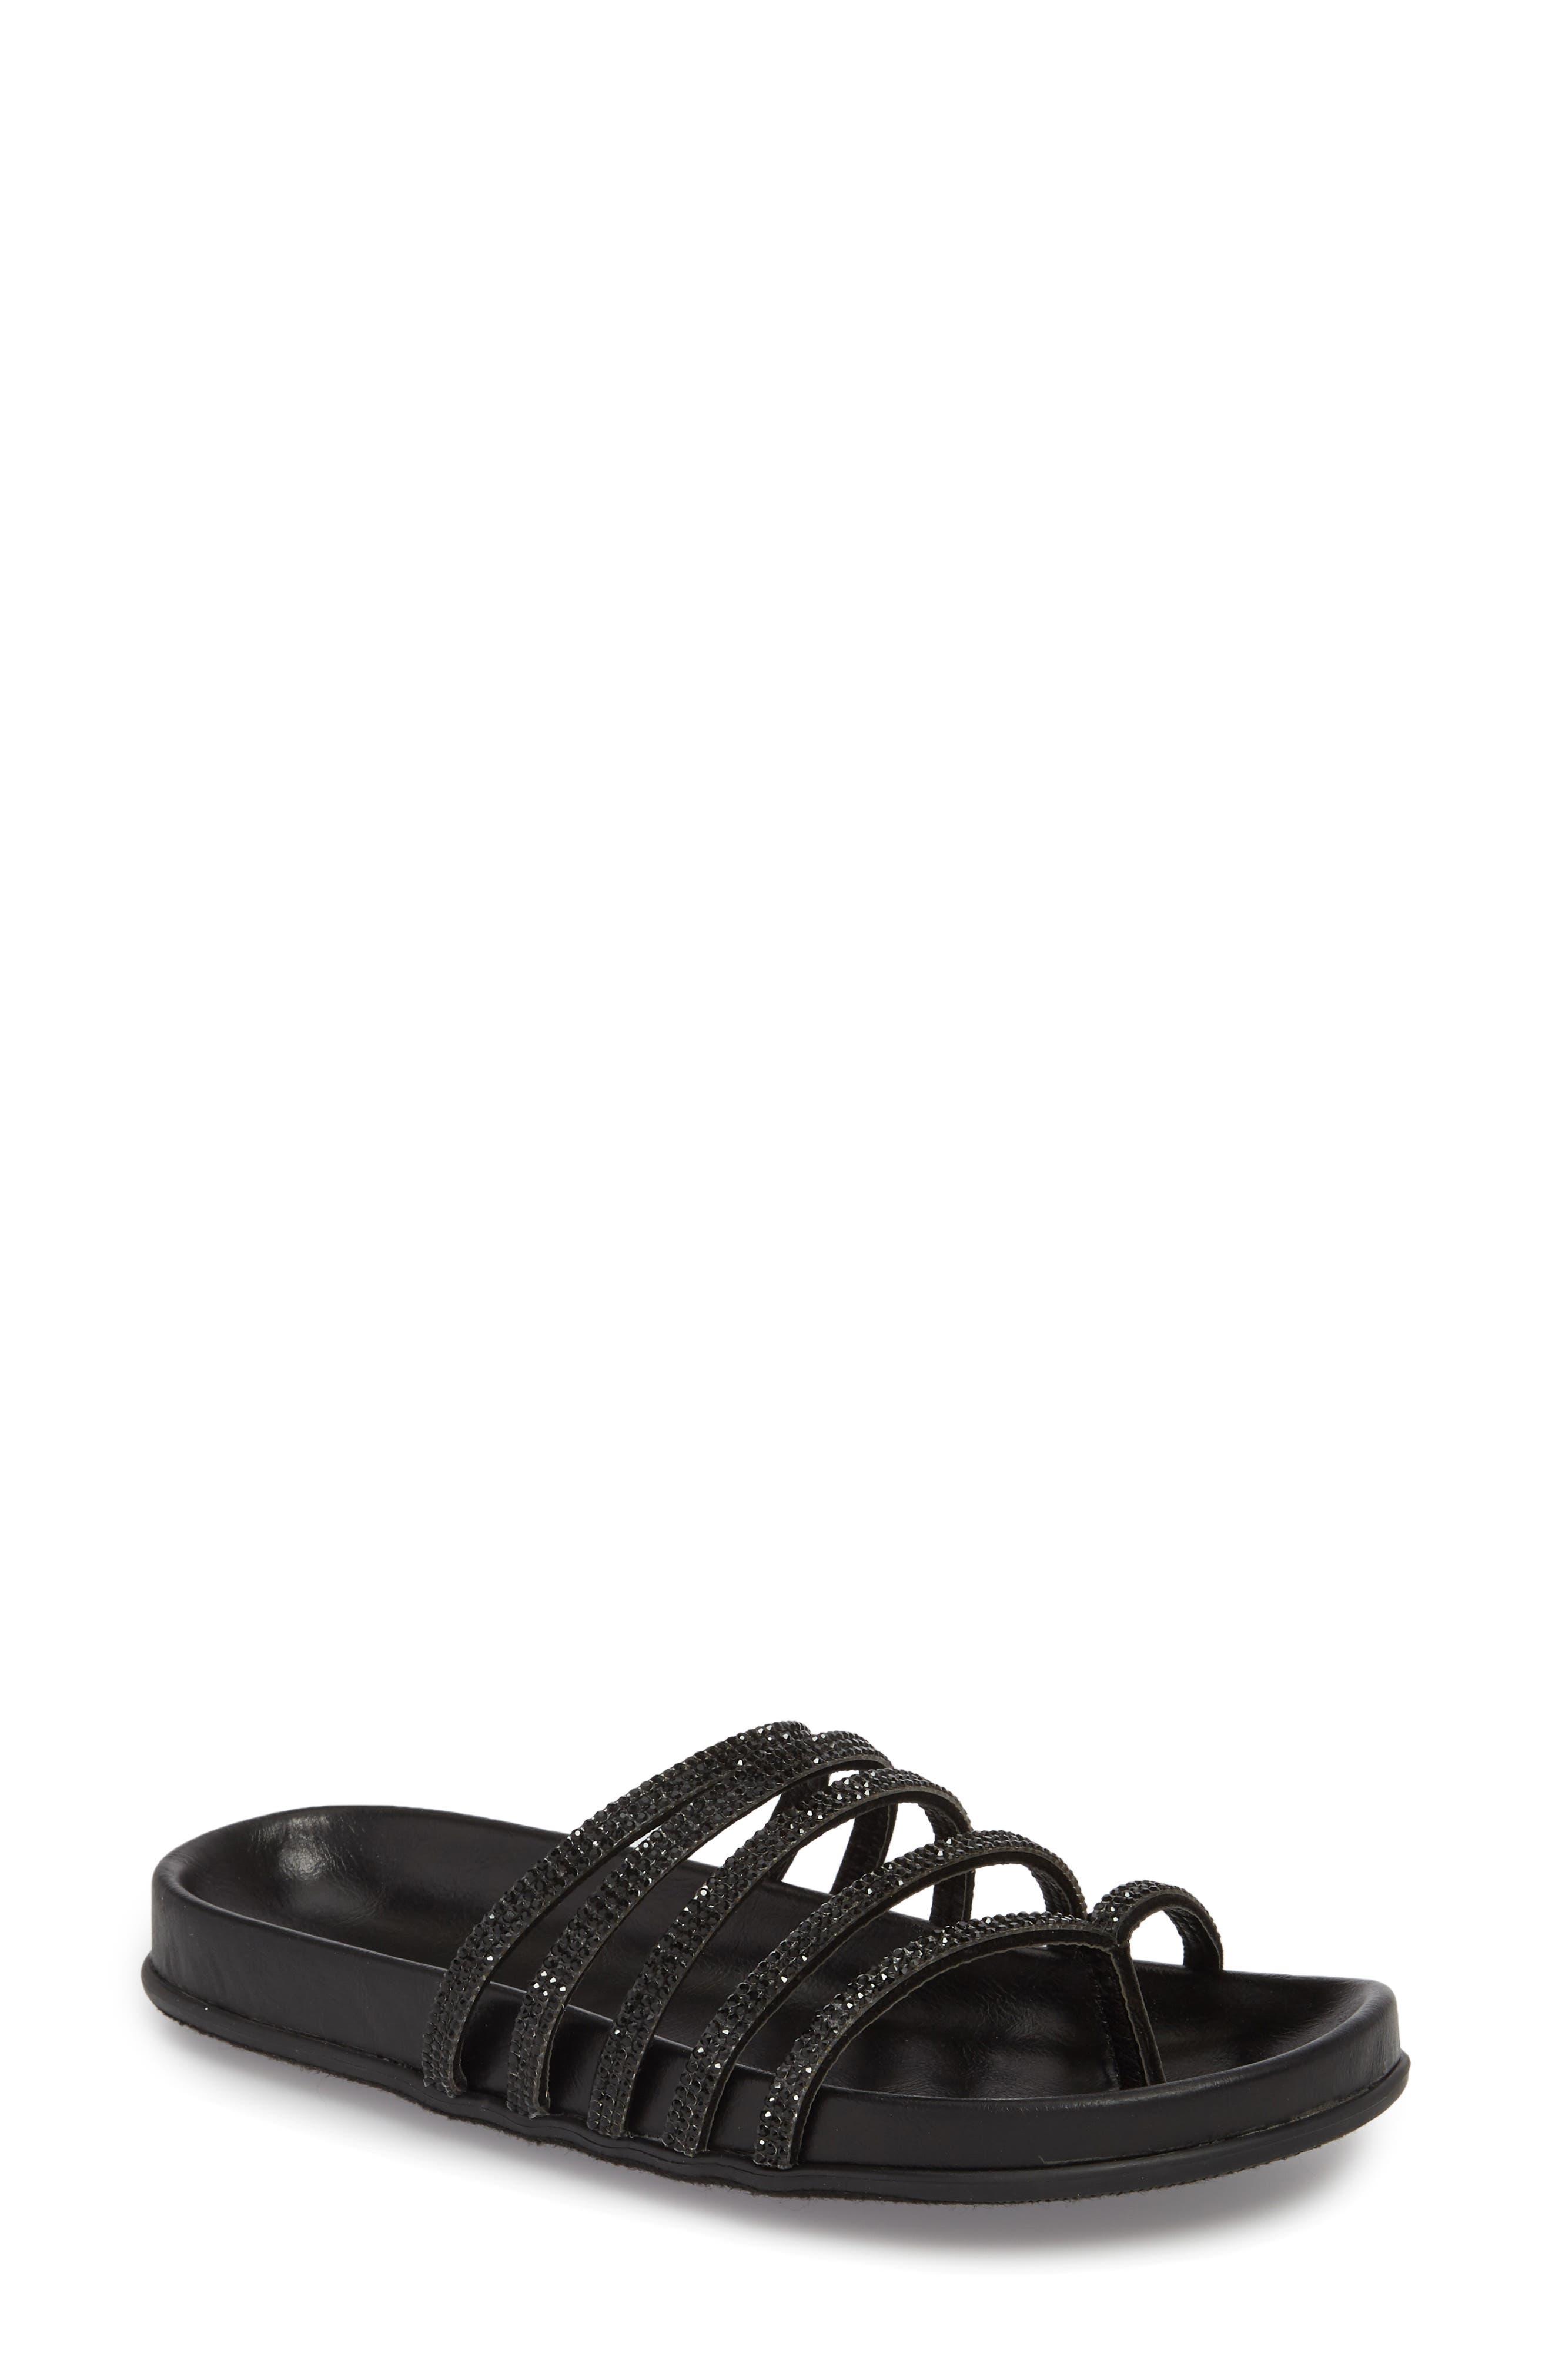 Kendari Sandal,                         Main,                         color, BLACK